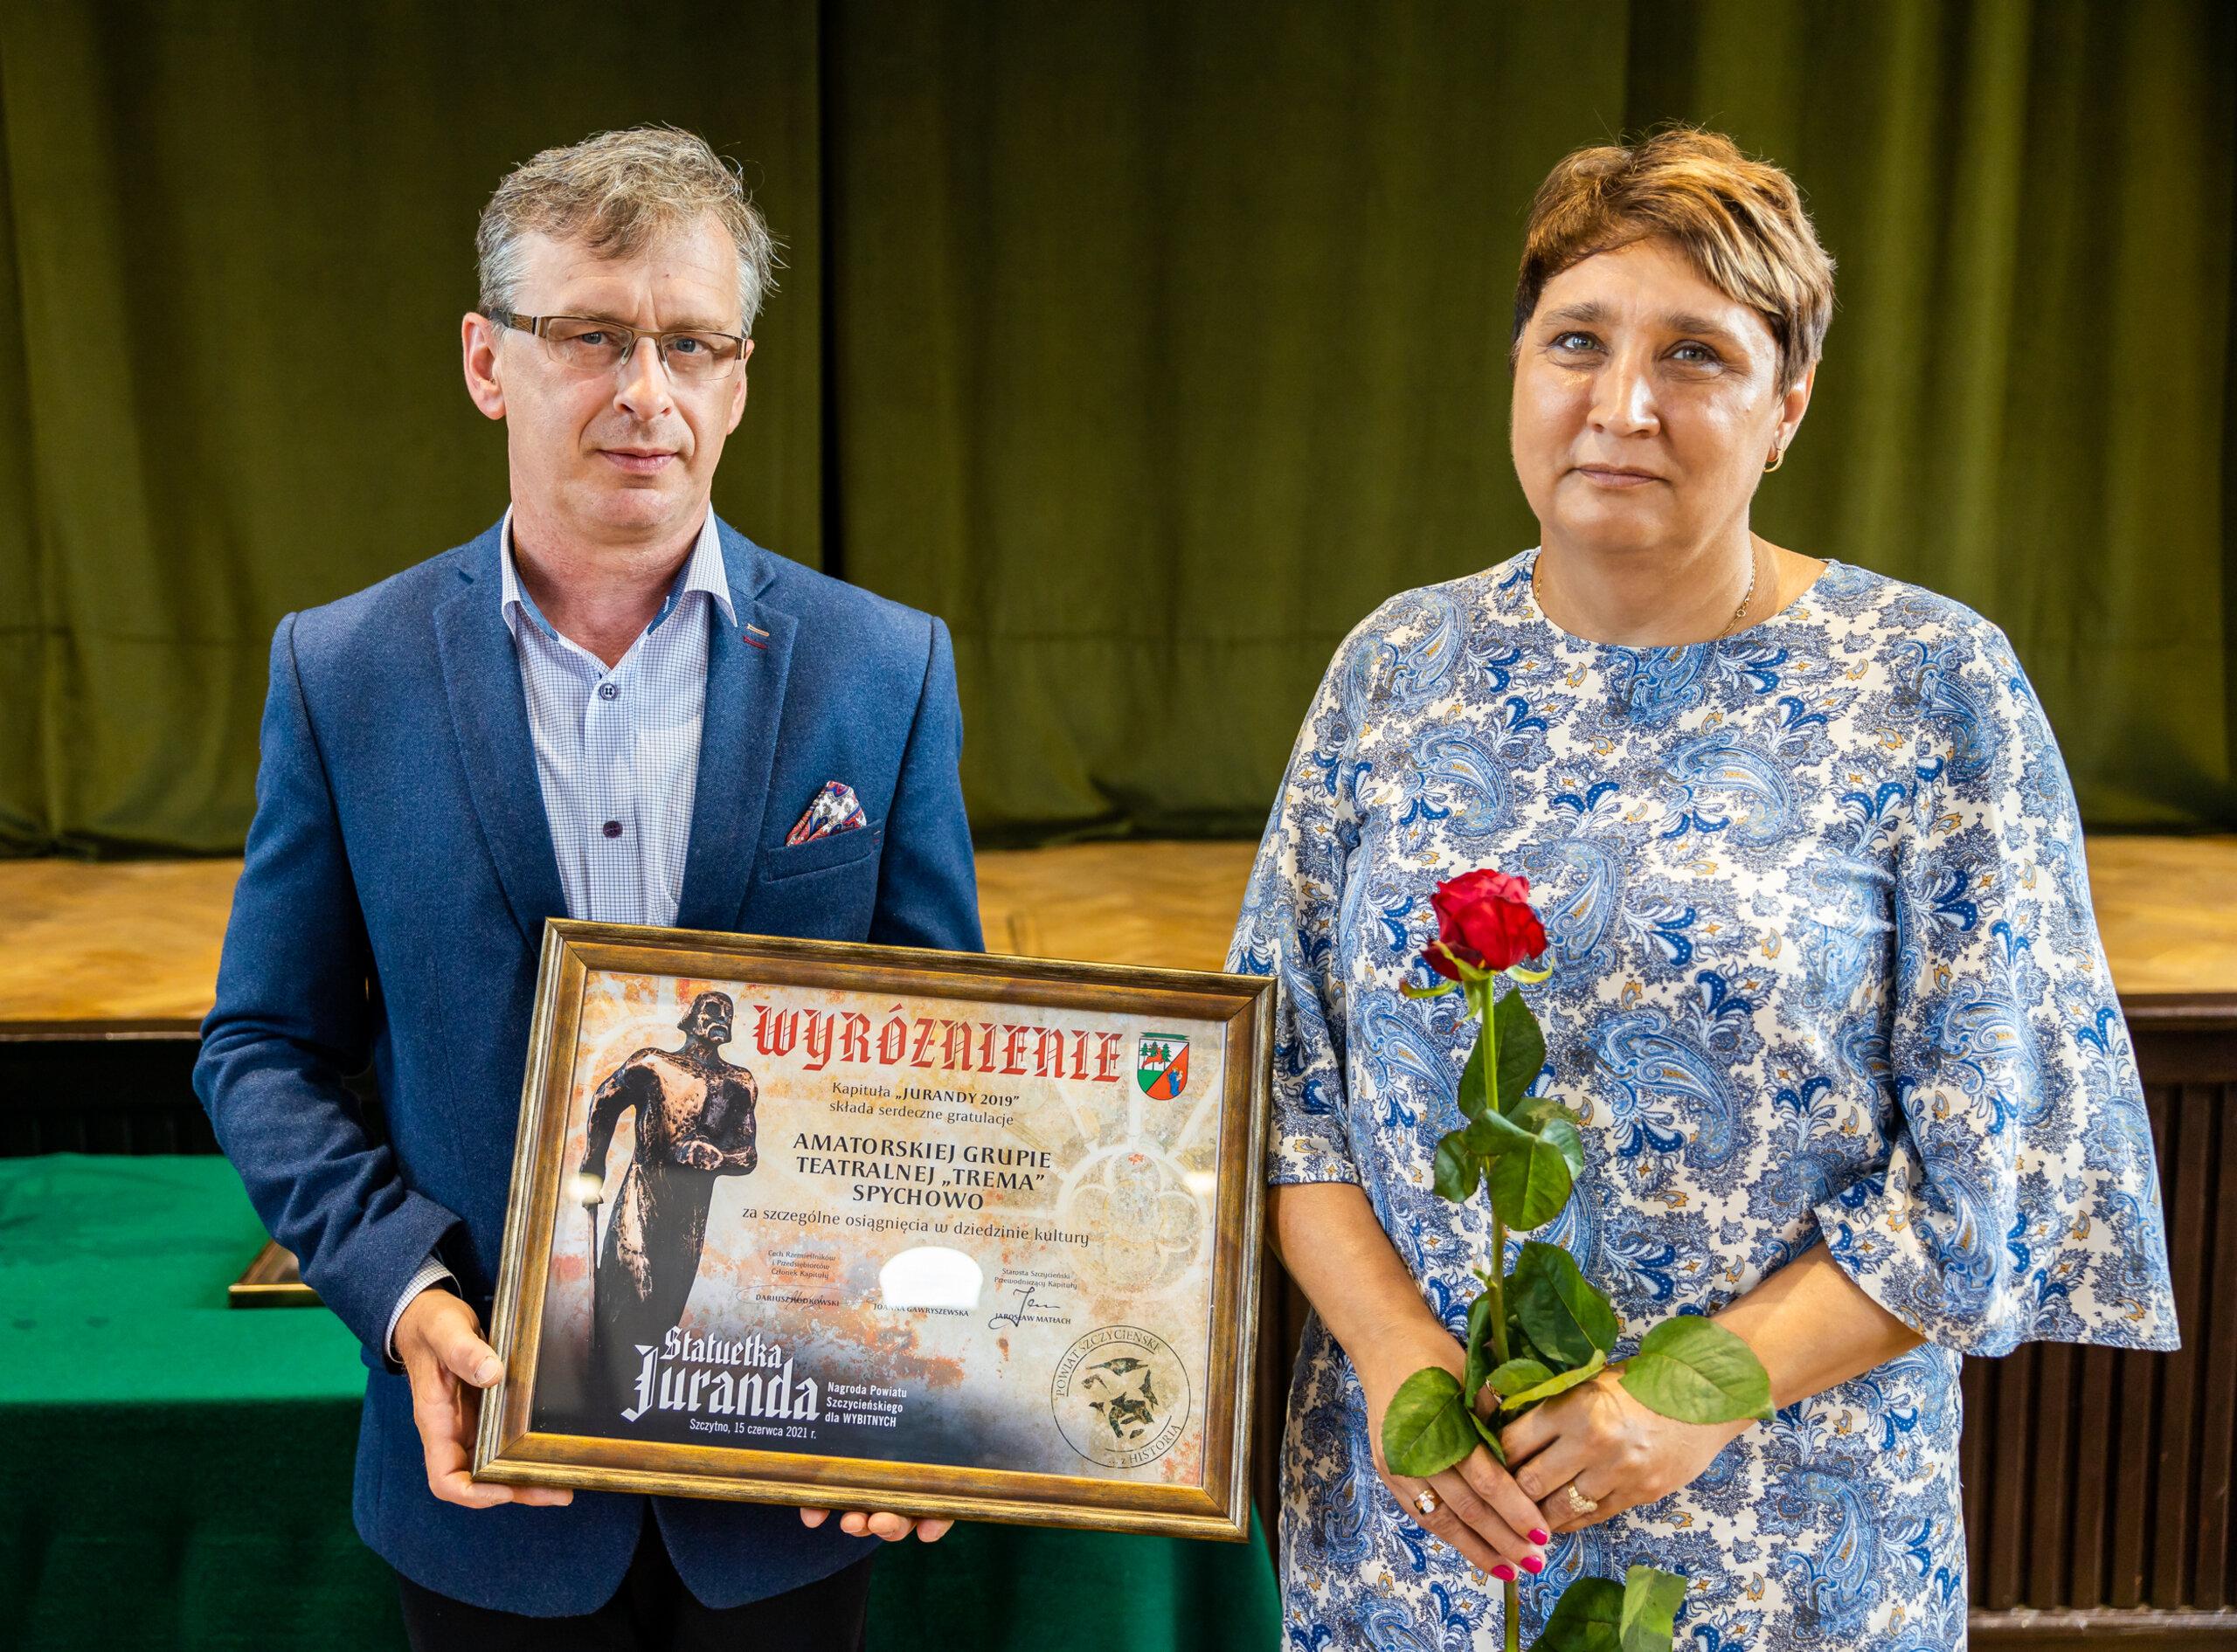 https://i.powiatszczycienski.pl/00/00/76/96/f/o8a5044-picture60c8f40c6f92c.jpg